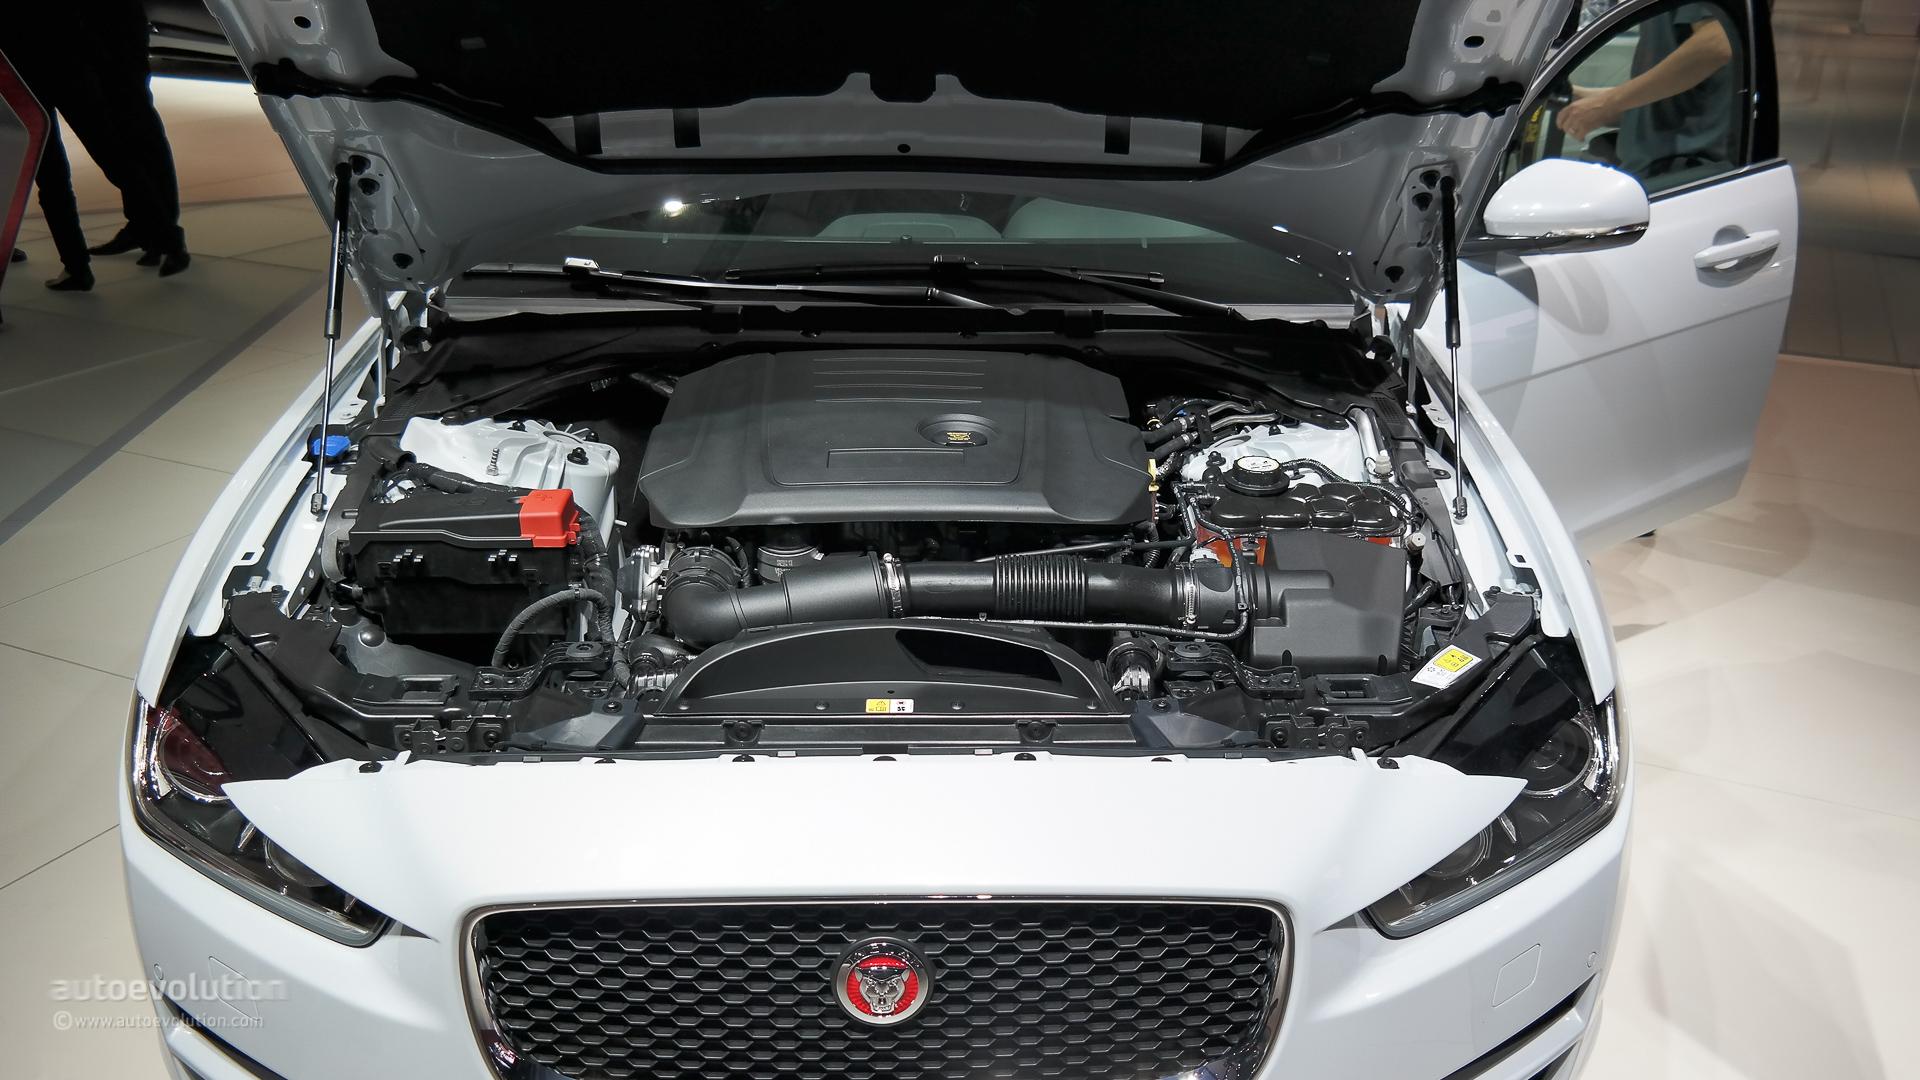 jaguar xe debuts at paris, pricing announced, ingenium engine lineup